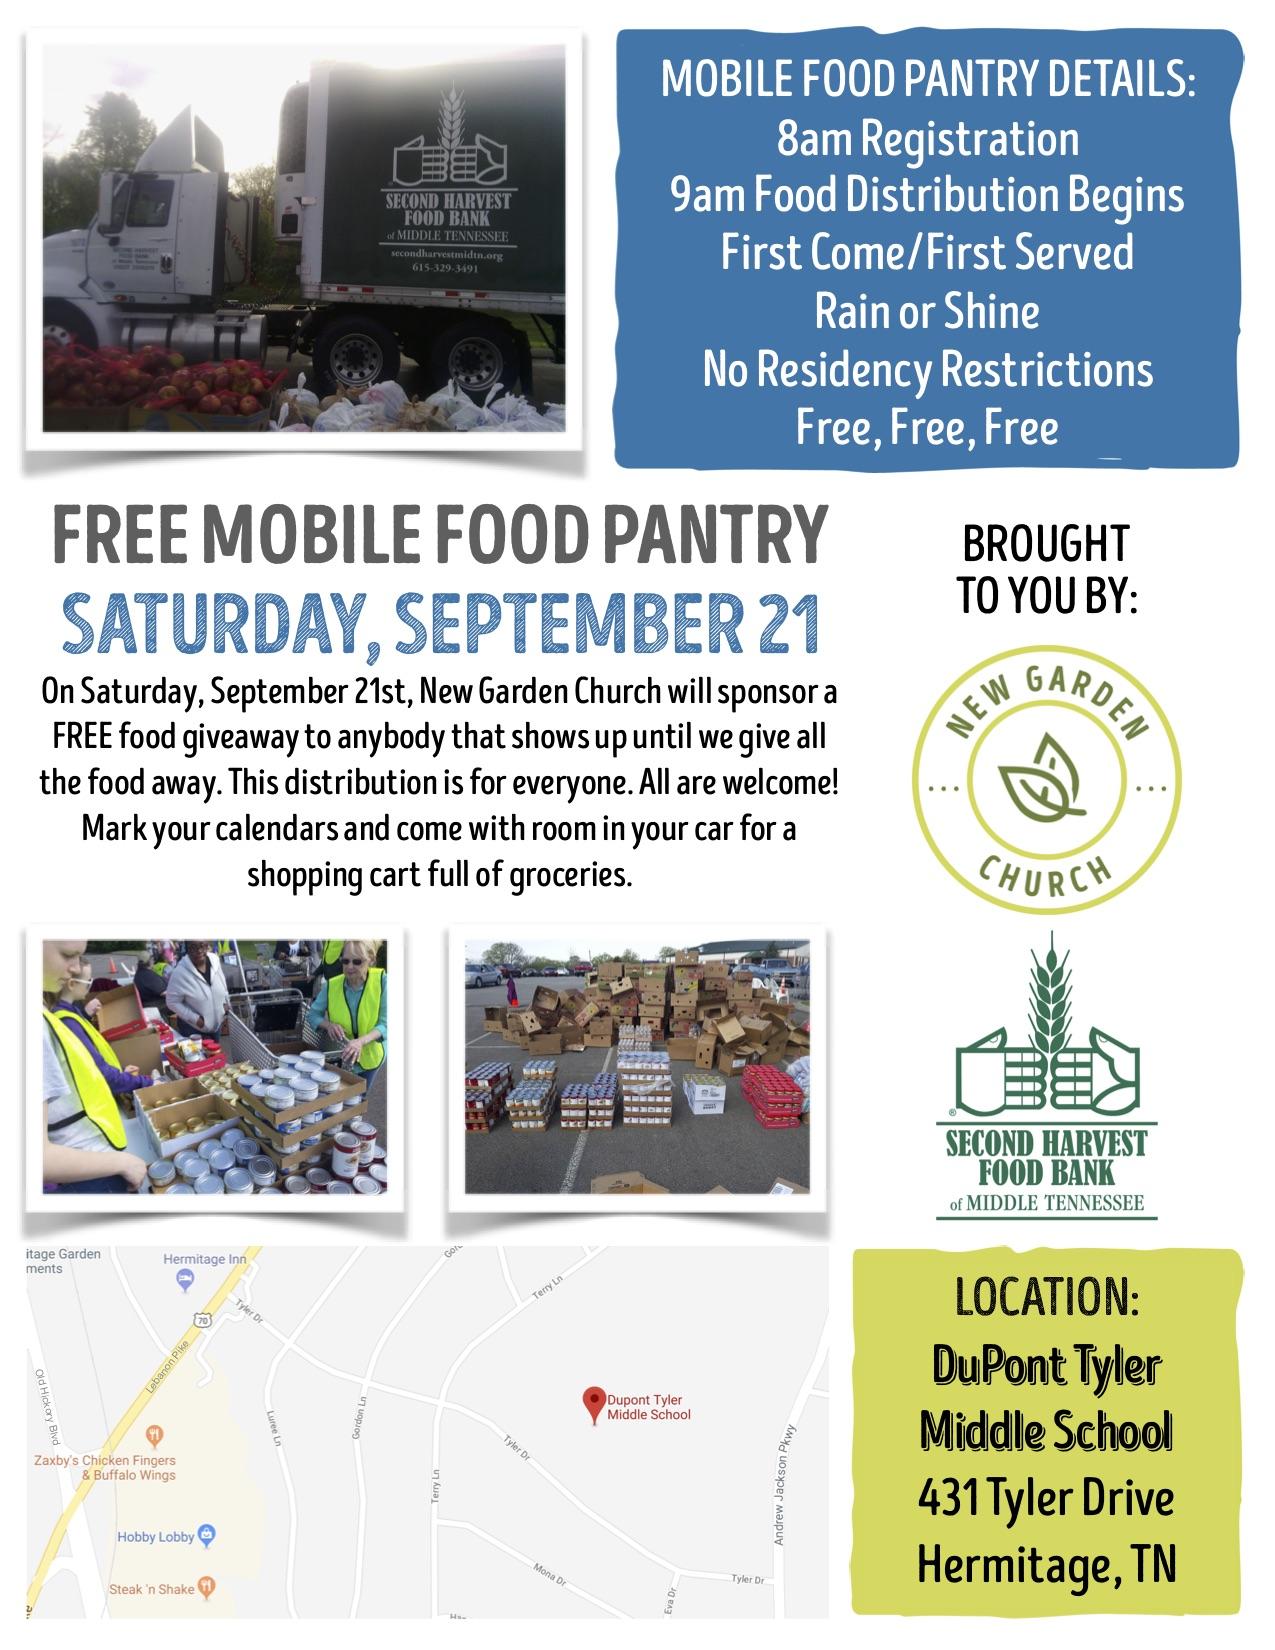 Mobile Food Pantry Flyer 9.21jpg.jpg